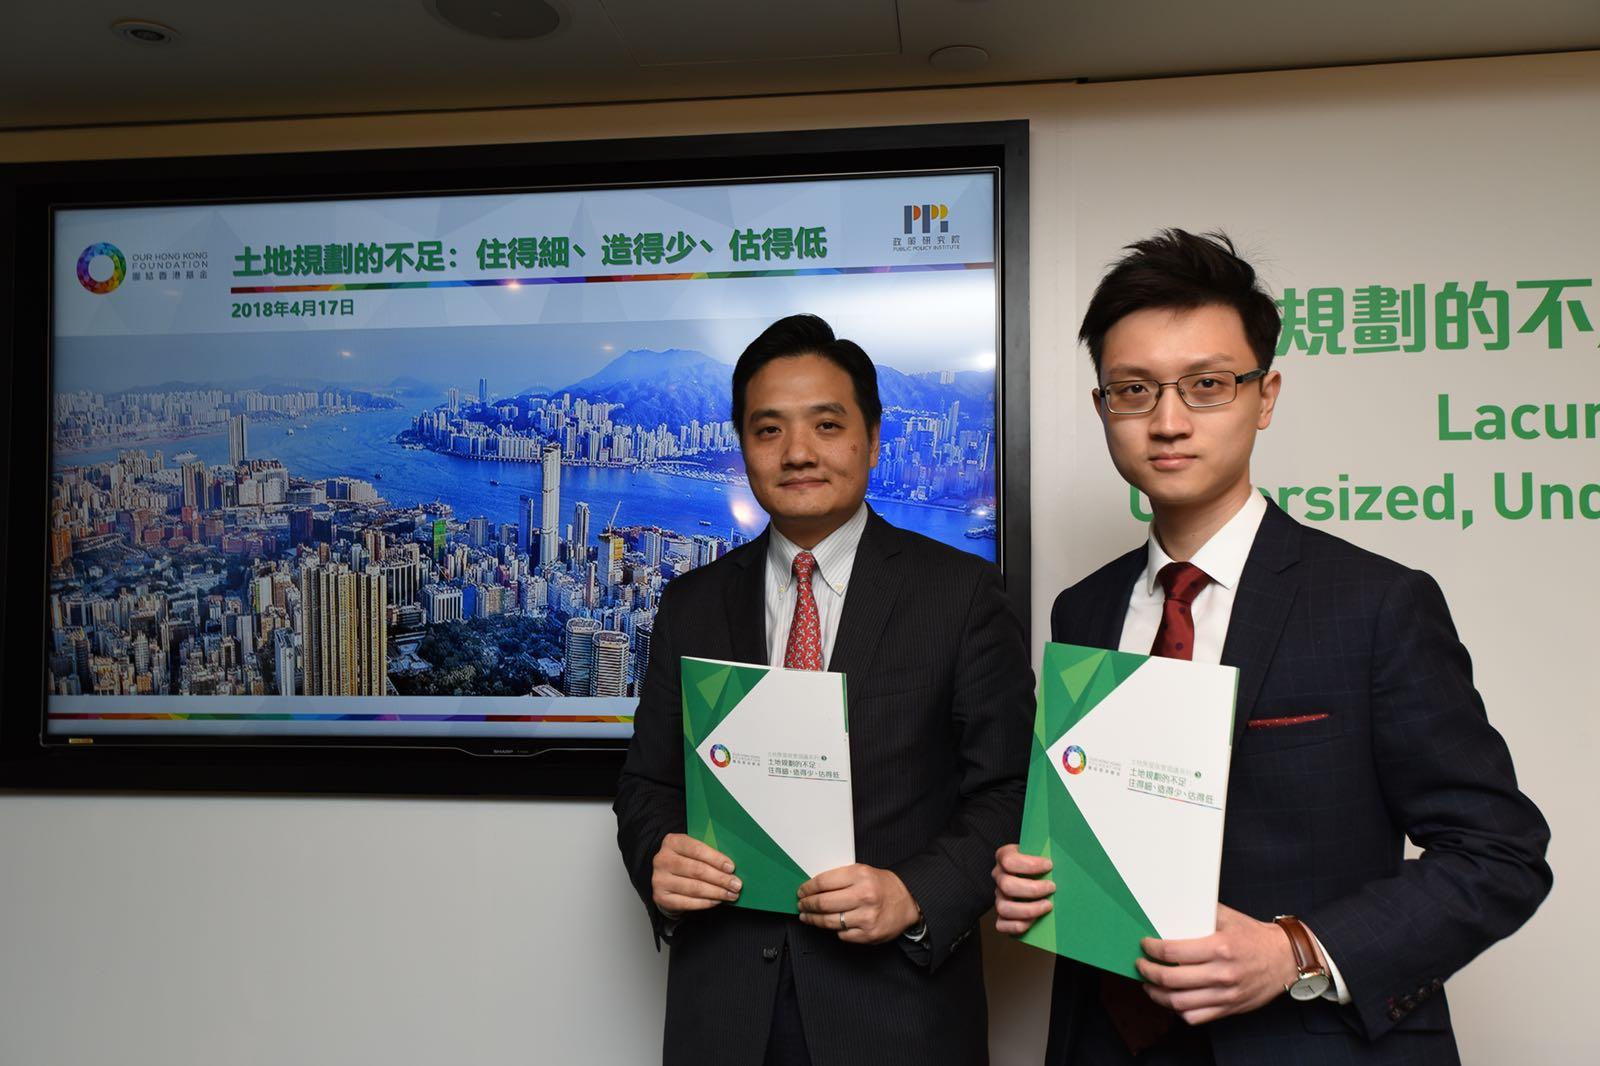 團結香港基金發表新一份土地與房屋政策倡議報告。